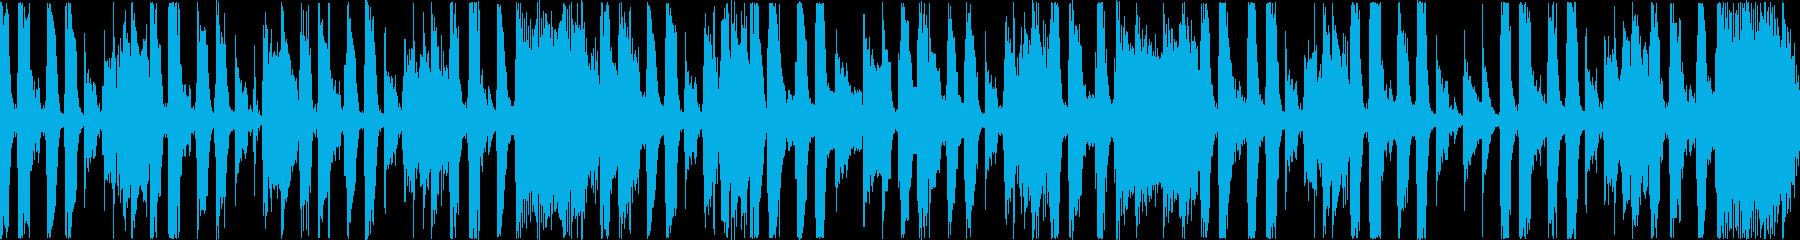 ぎこちないながらも軽やかさを感じるジャズの再生済みの波形